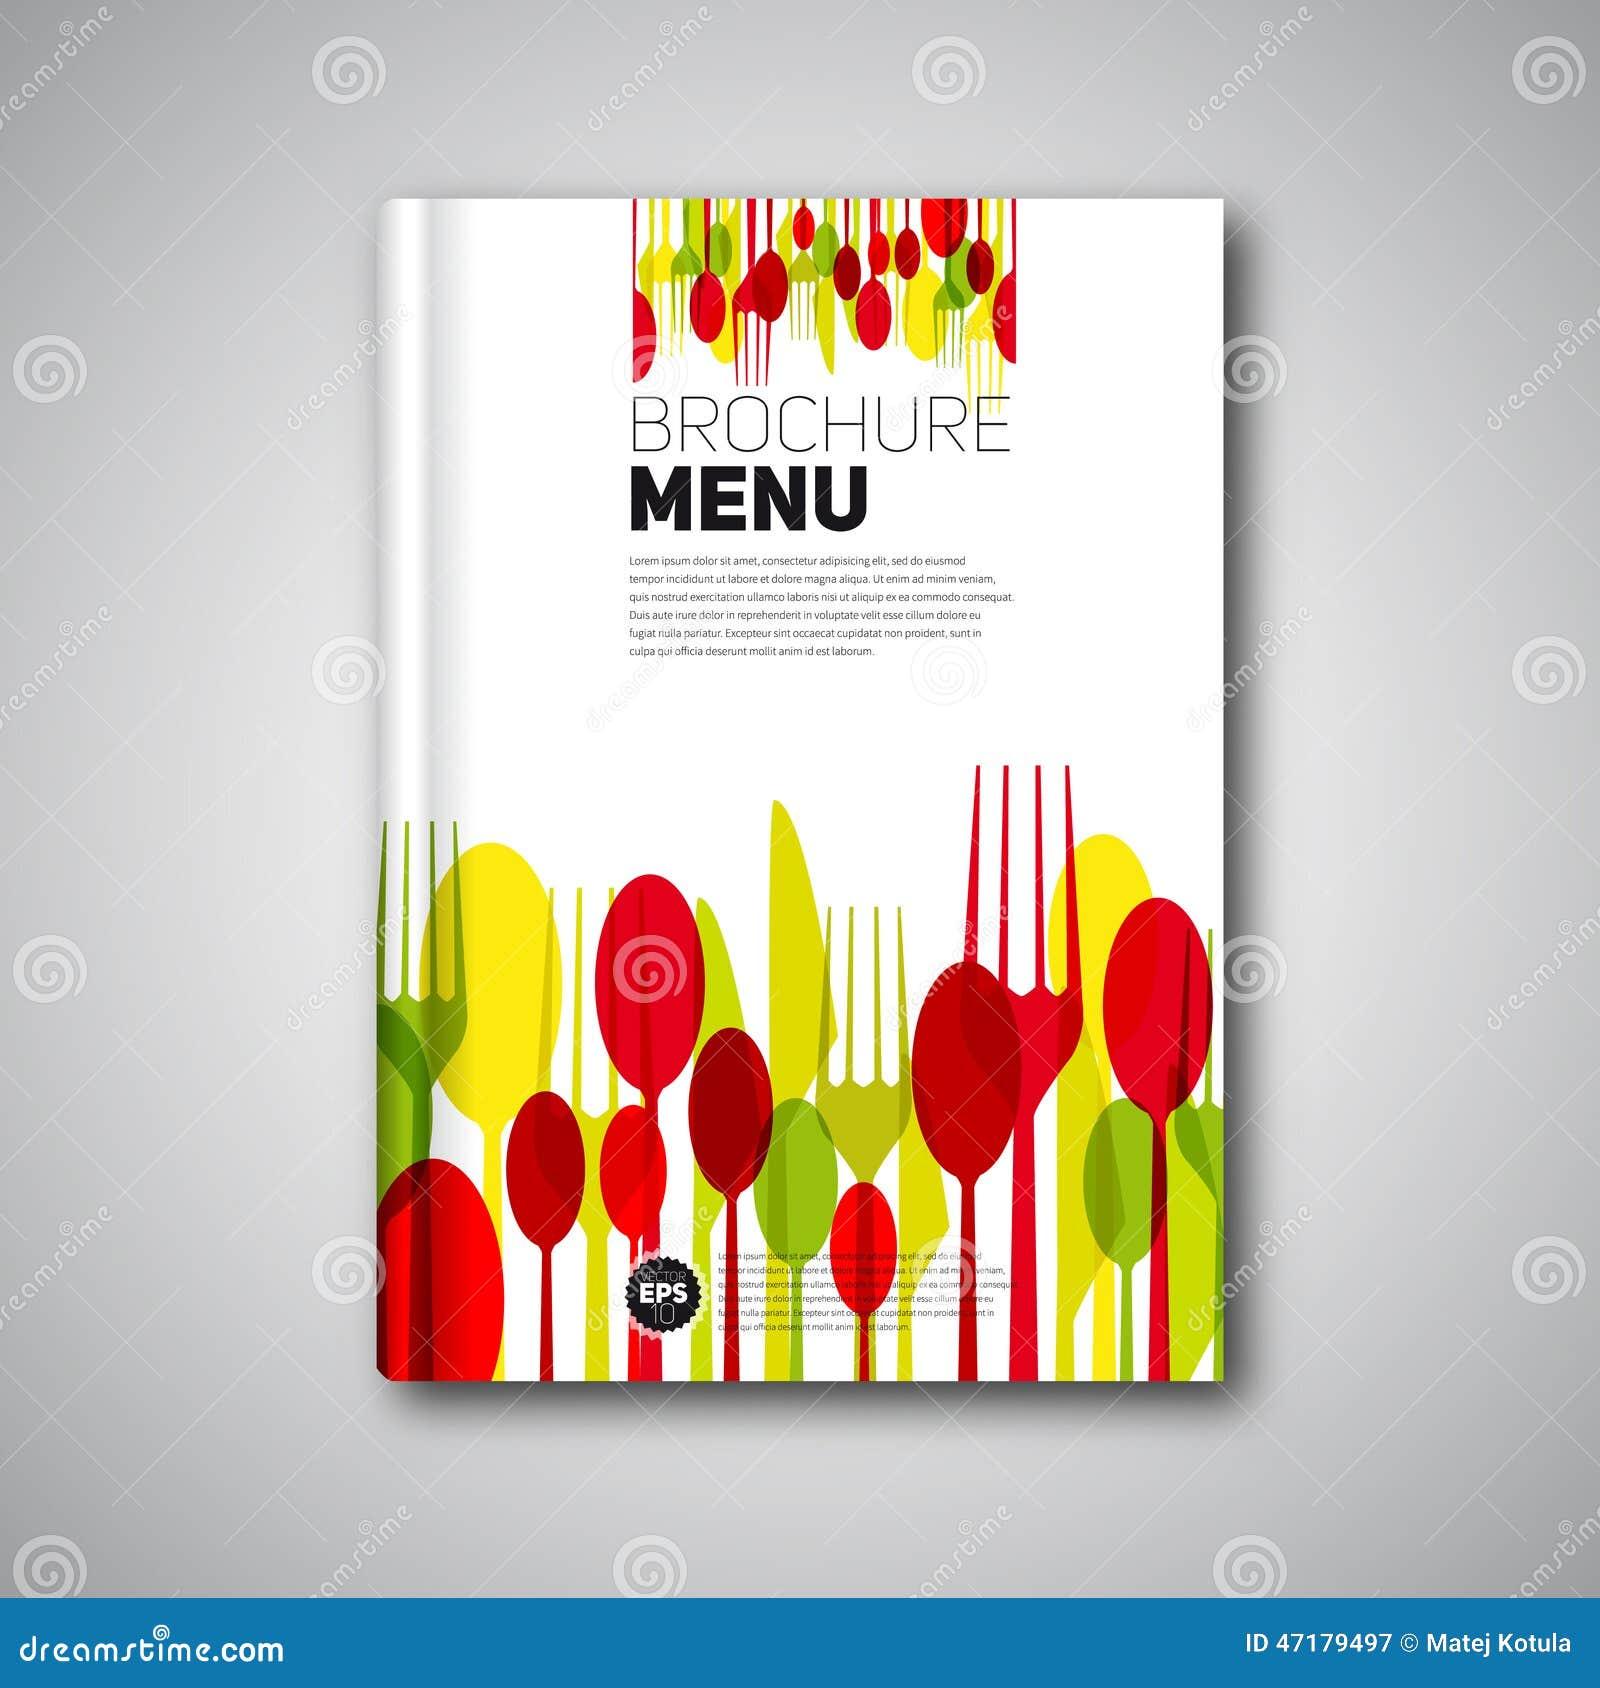 ... Menu Card Design template, Brochure book cover design, card